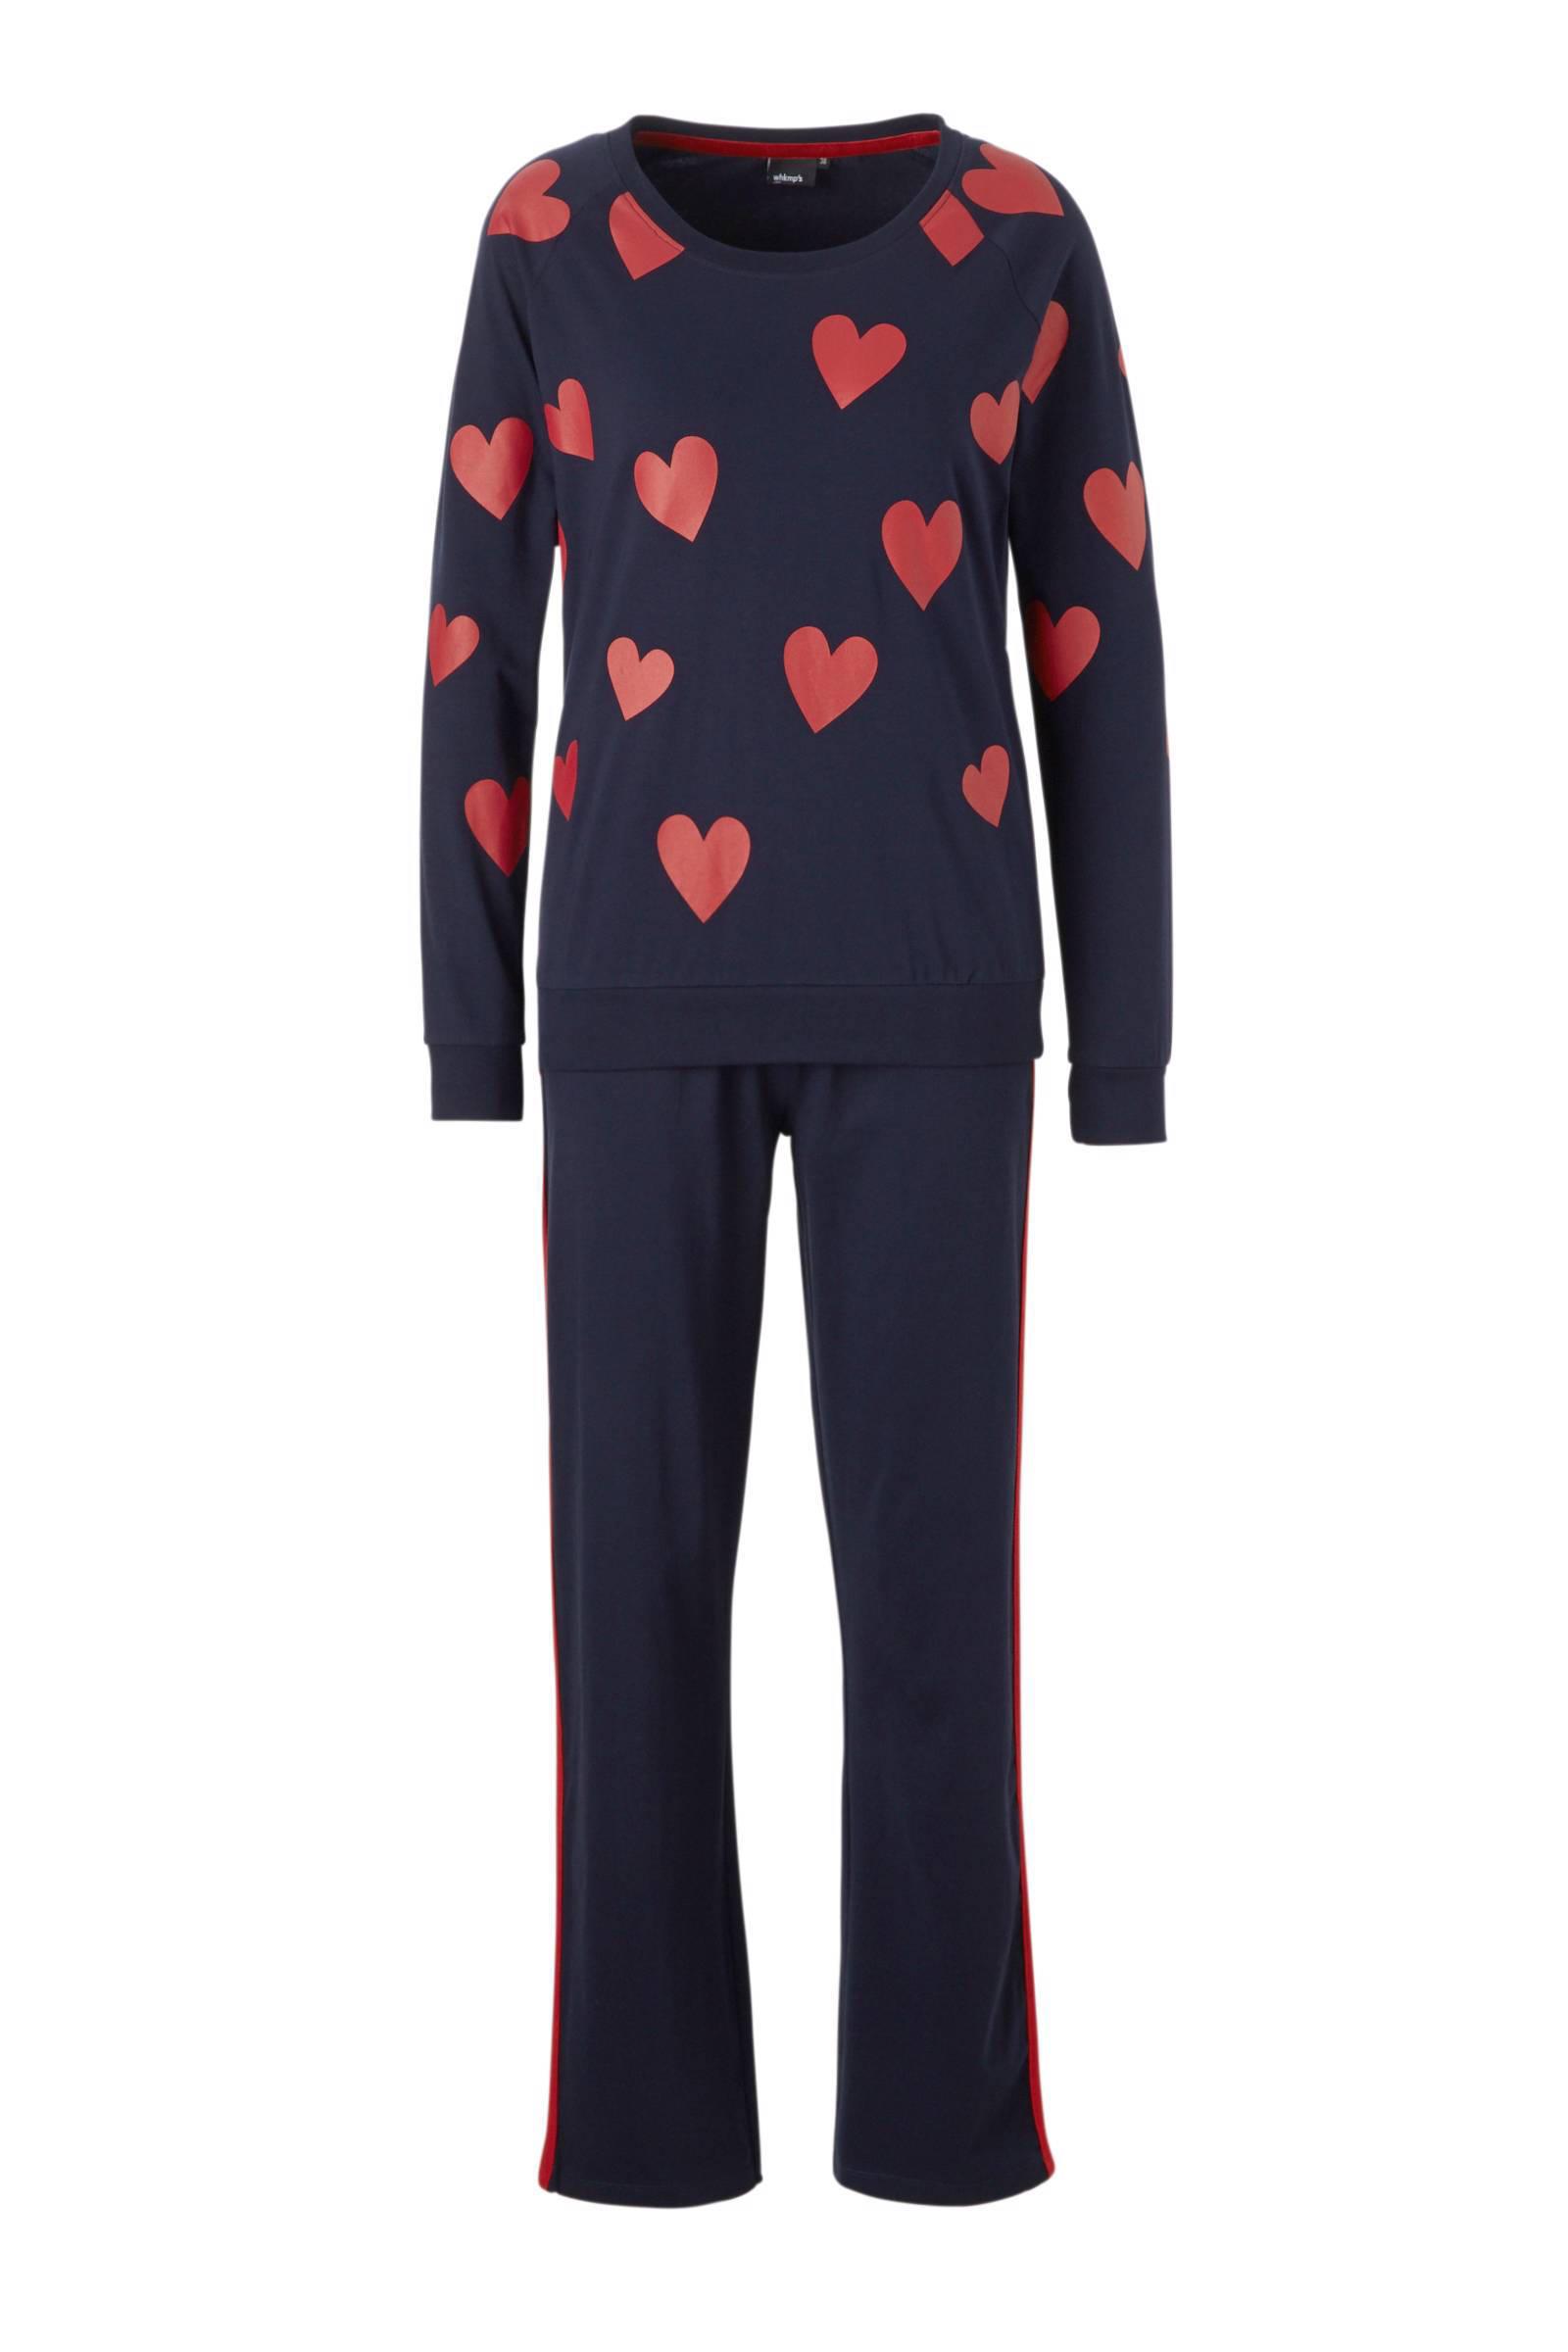 whkmp's own pyjama met hartjes blauw/rood (dames)